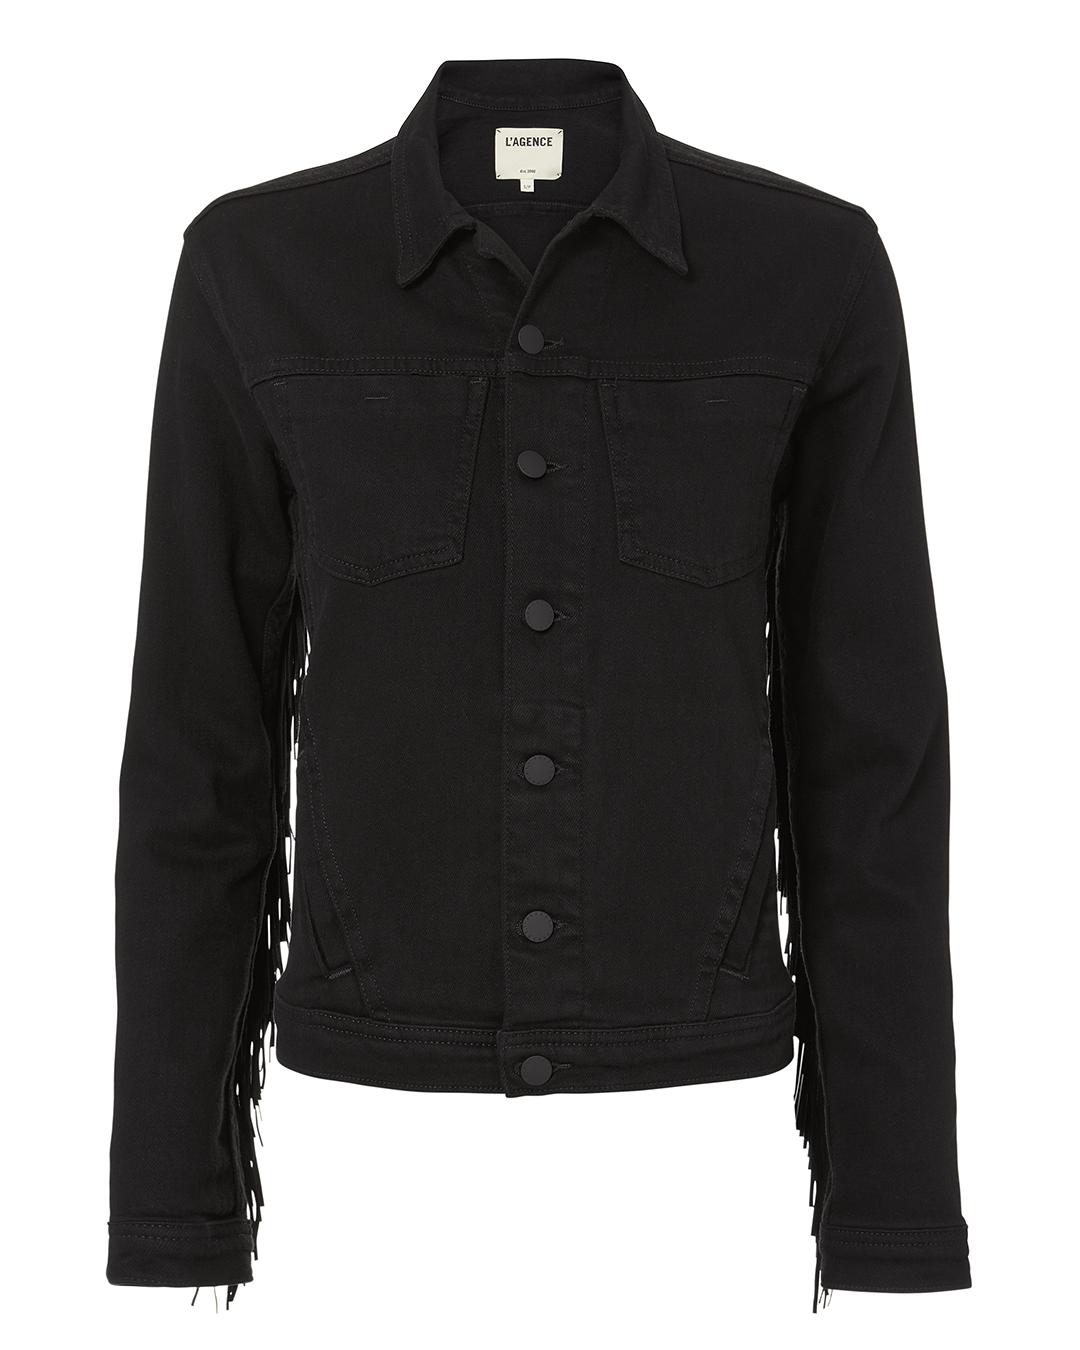 Celine Fringe Deni Jacket Black, Saturated Black